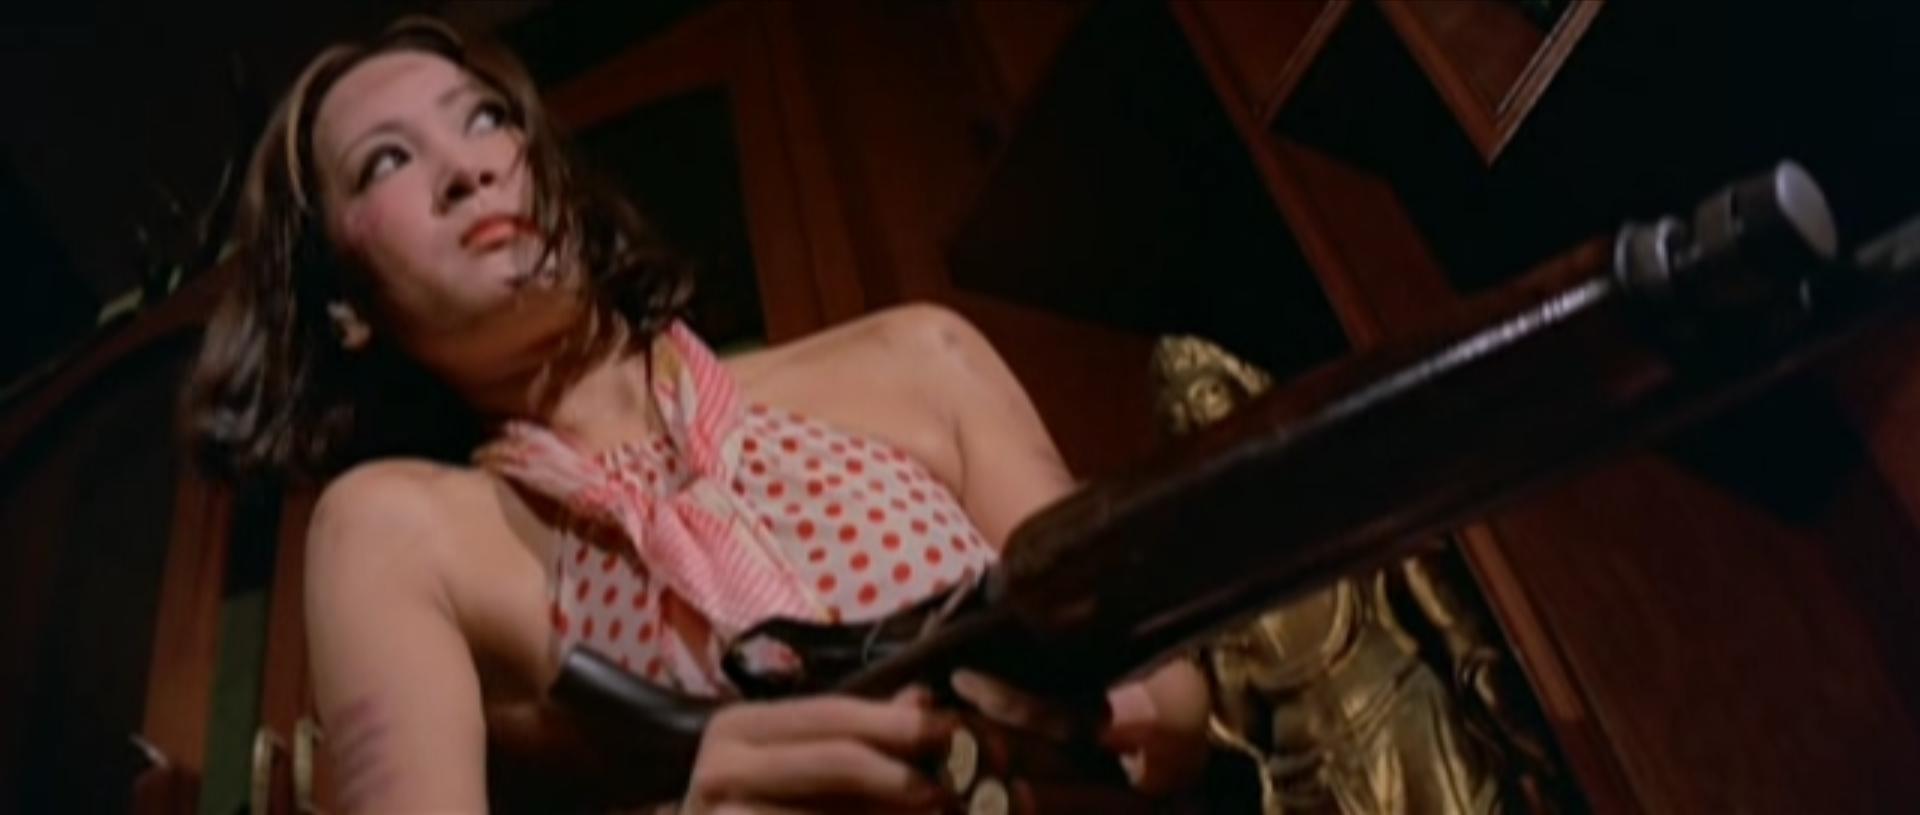 Кино санта секс убийца